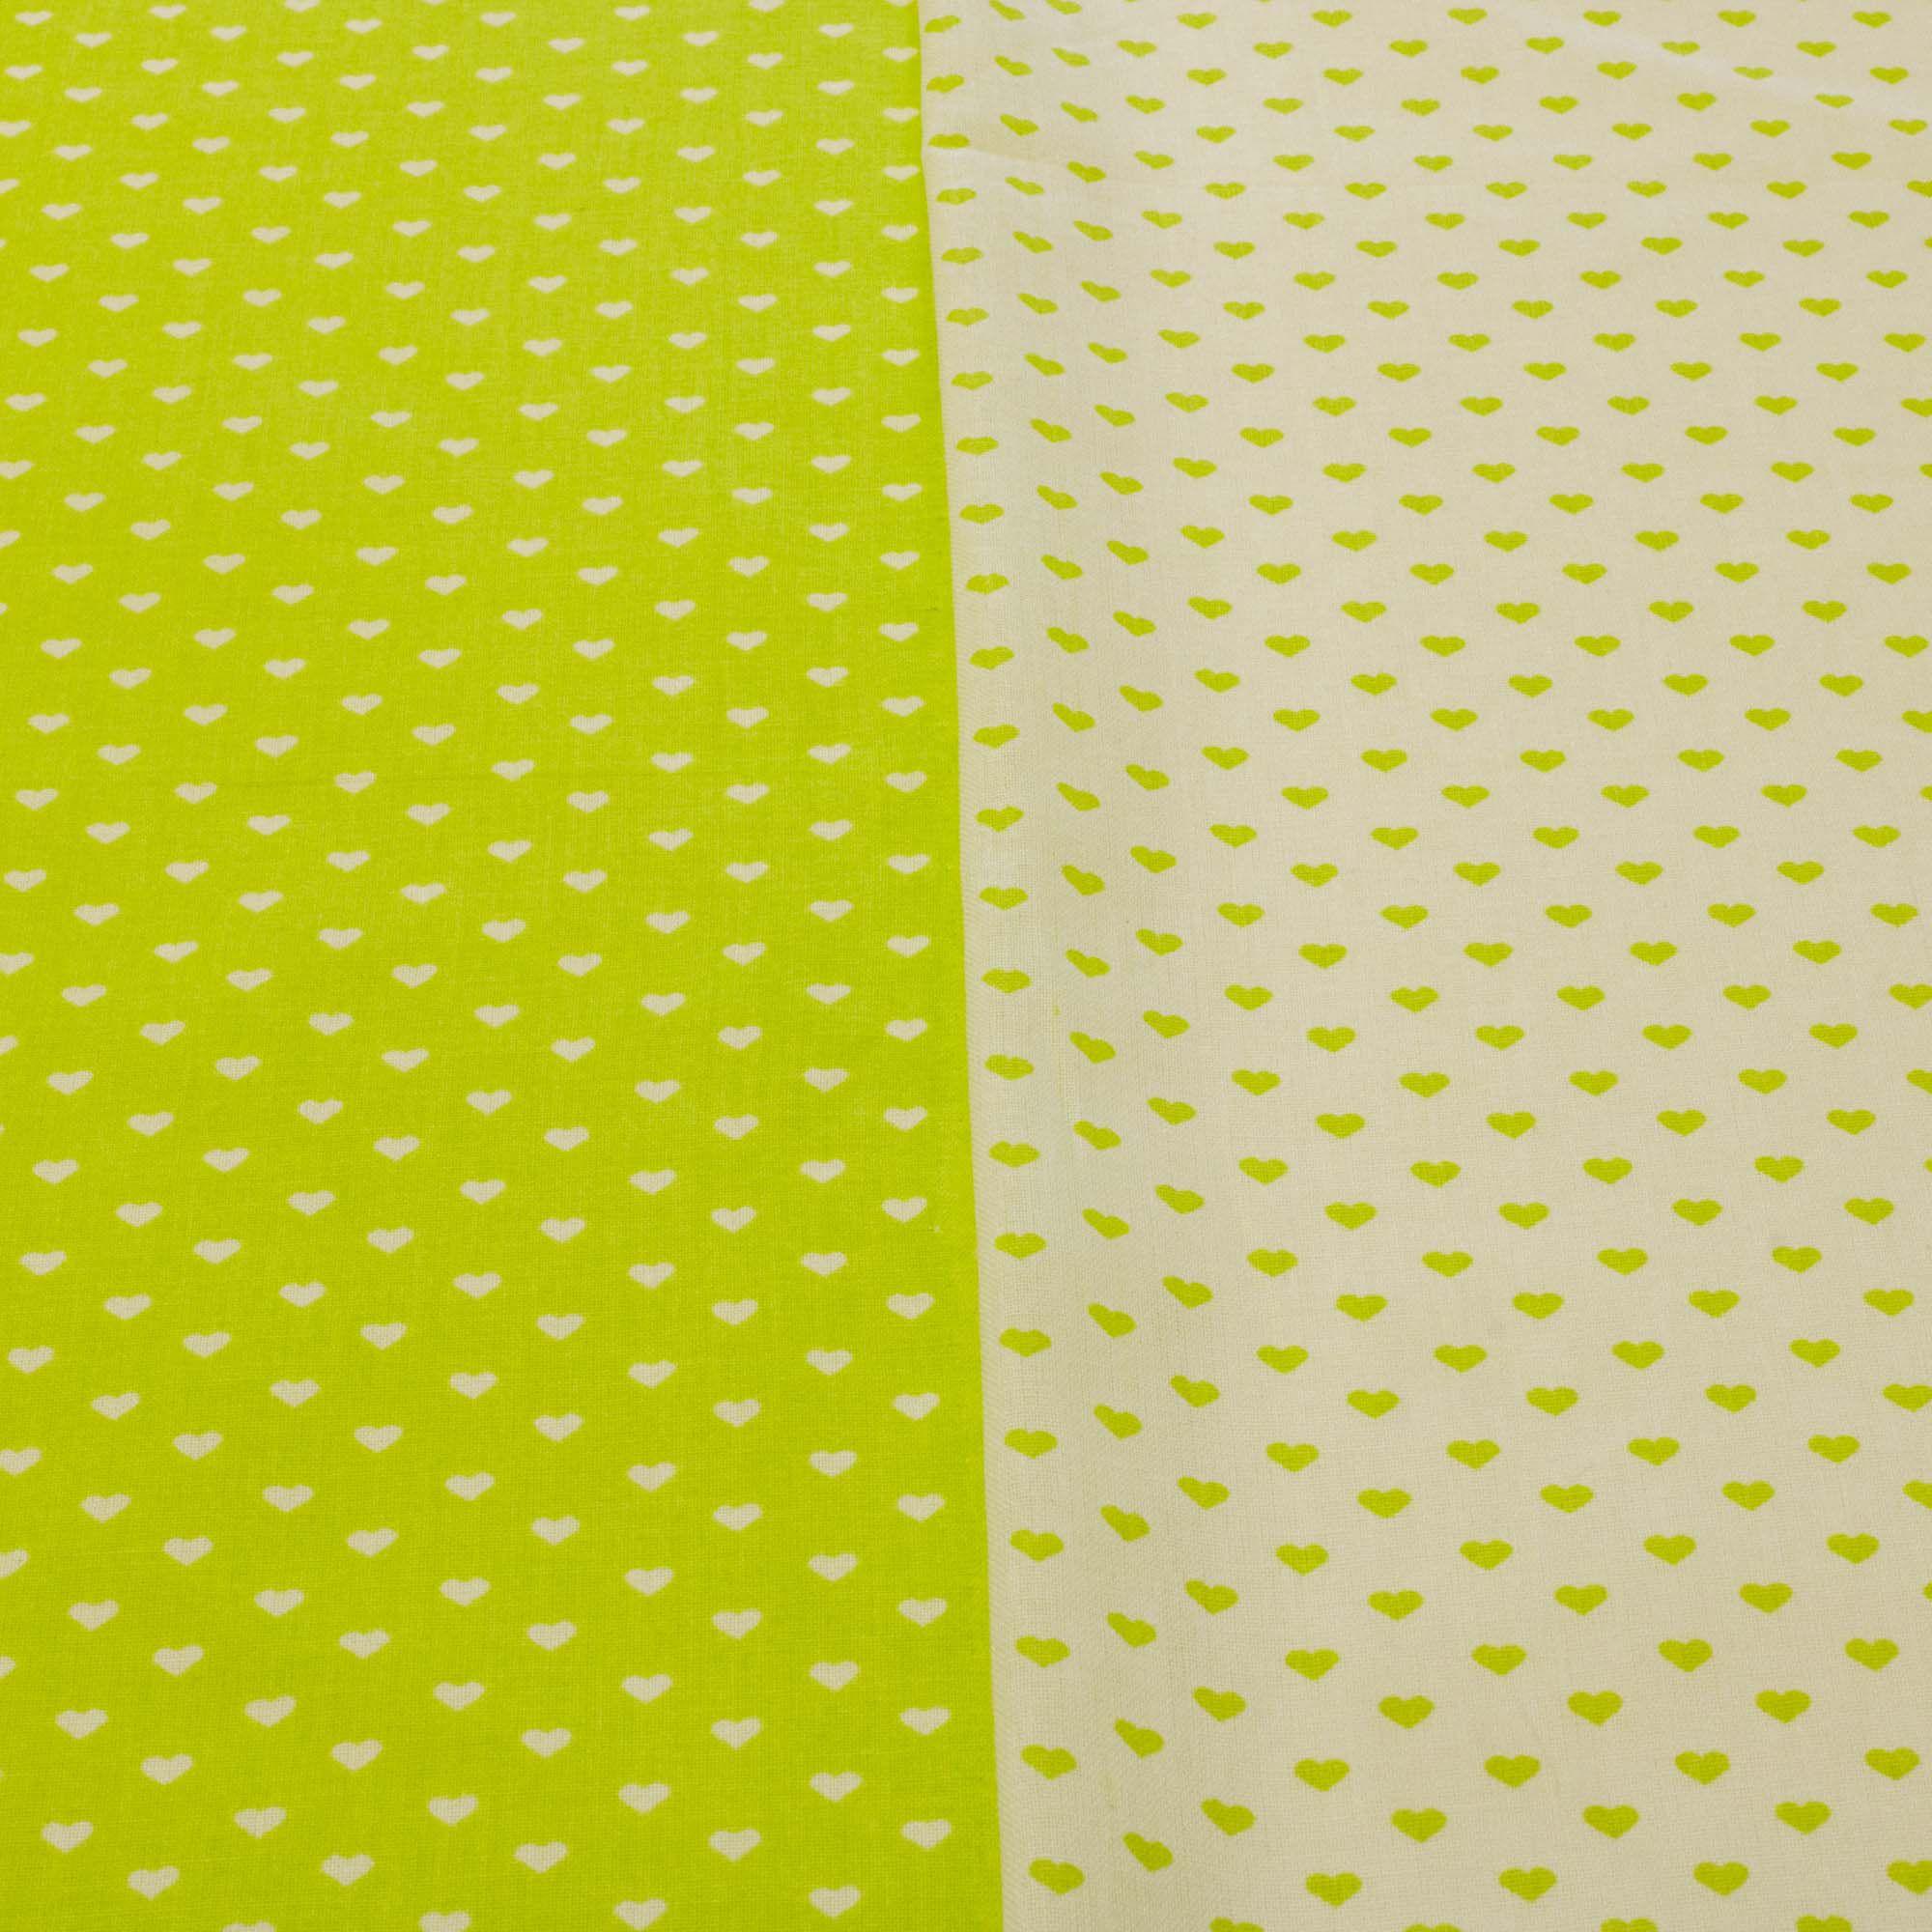 Kit Composê tecido tricoline coração 1,40 m largura verde